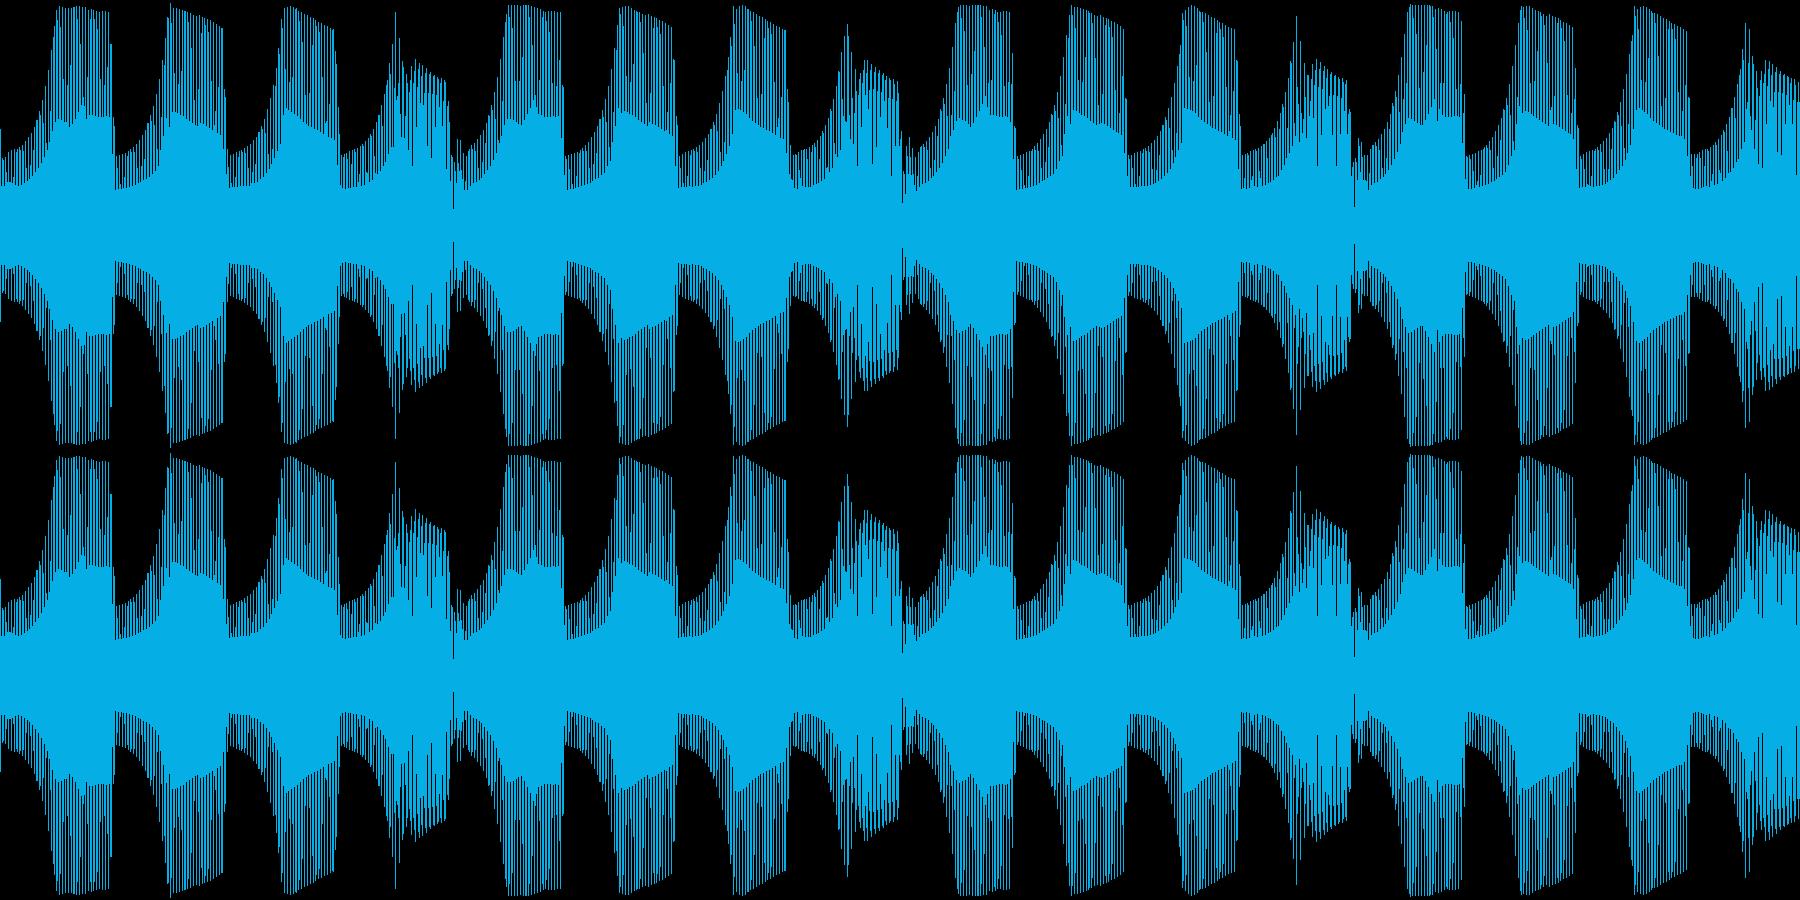 Techno ベース 7 音楽制作用の再生済みの波形